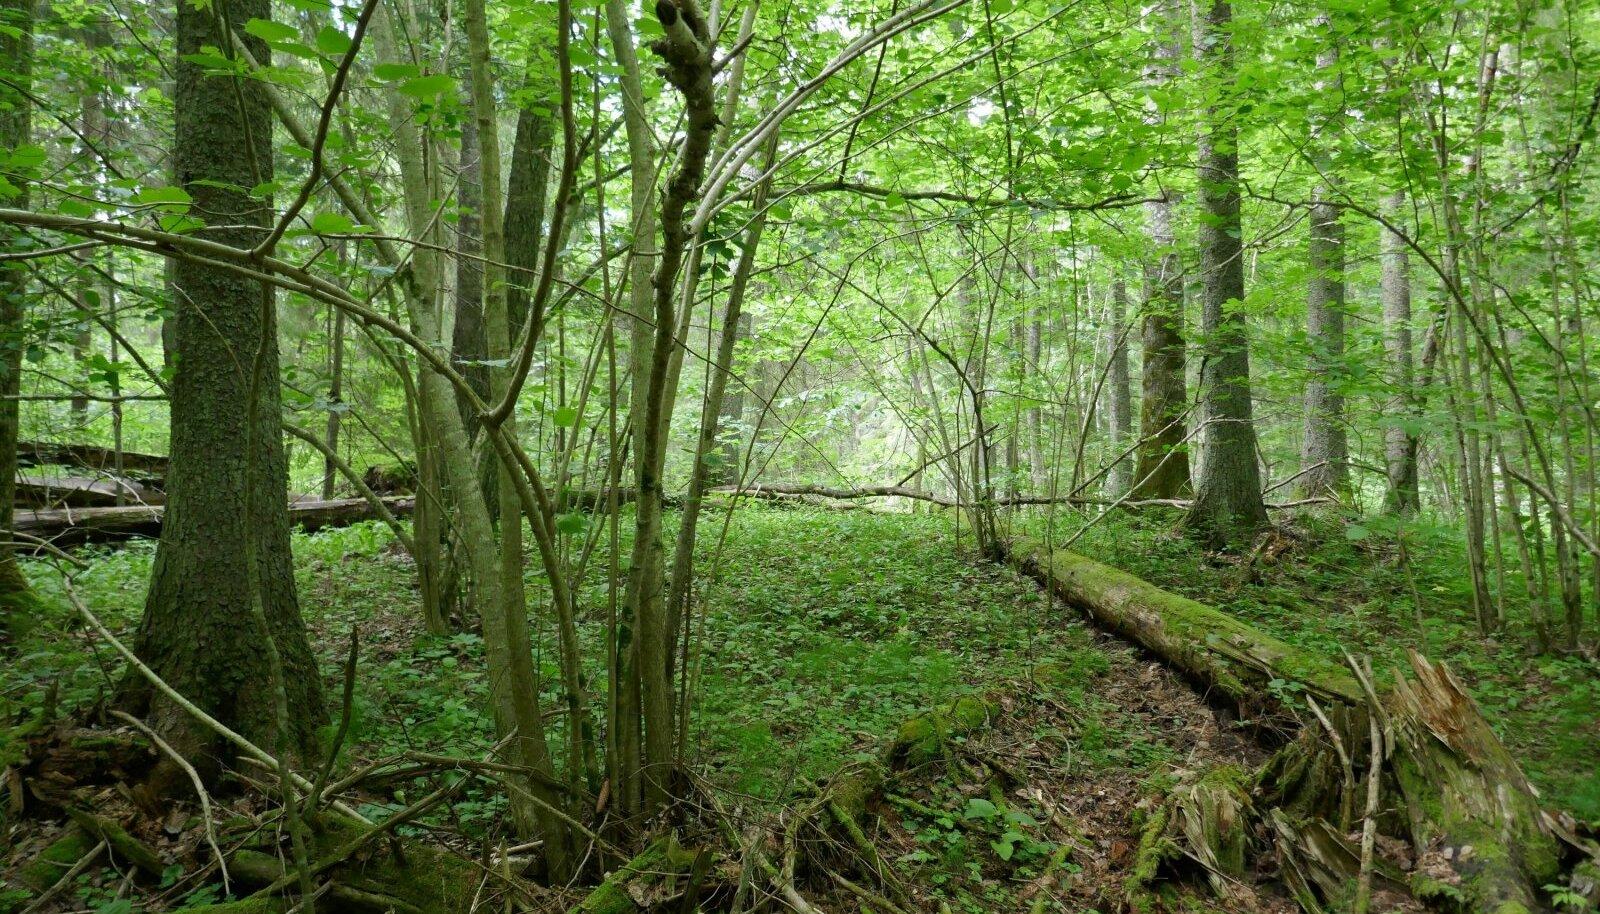 Vääriselupaik Pärnumaal riigimetsas. Kuna sellised metsad on paljude liikide koduks, on oluline, et neid vääriselupaigana ka kaitstaks.